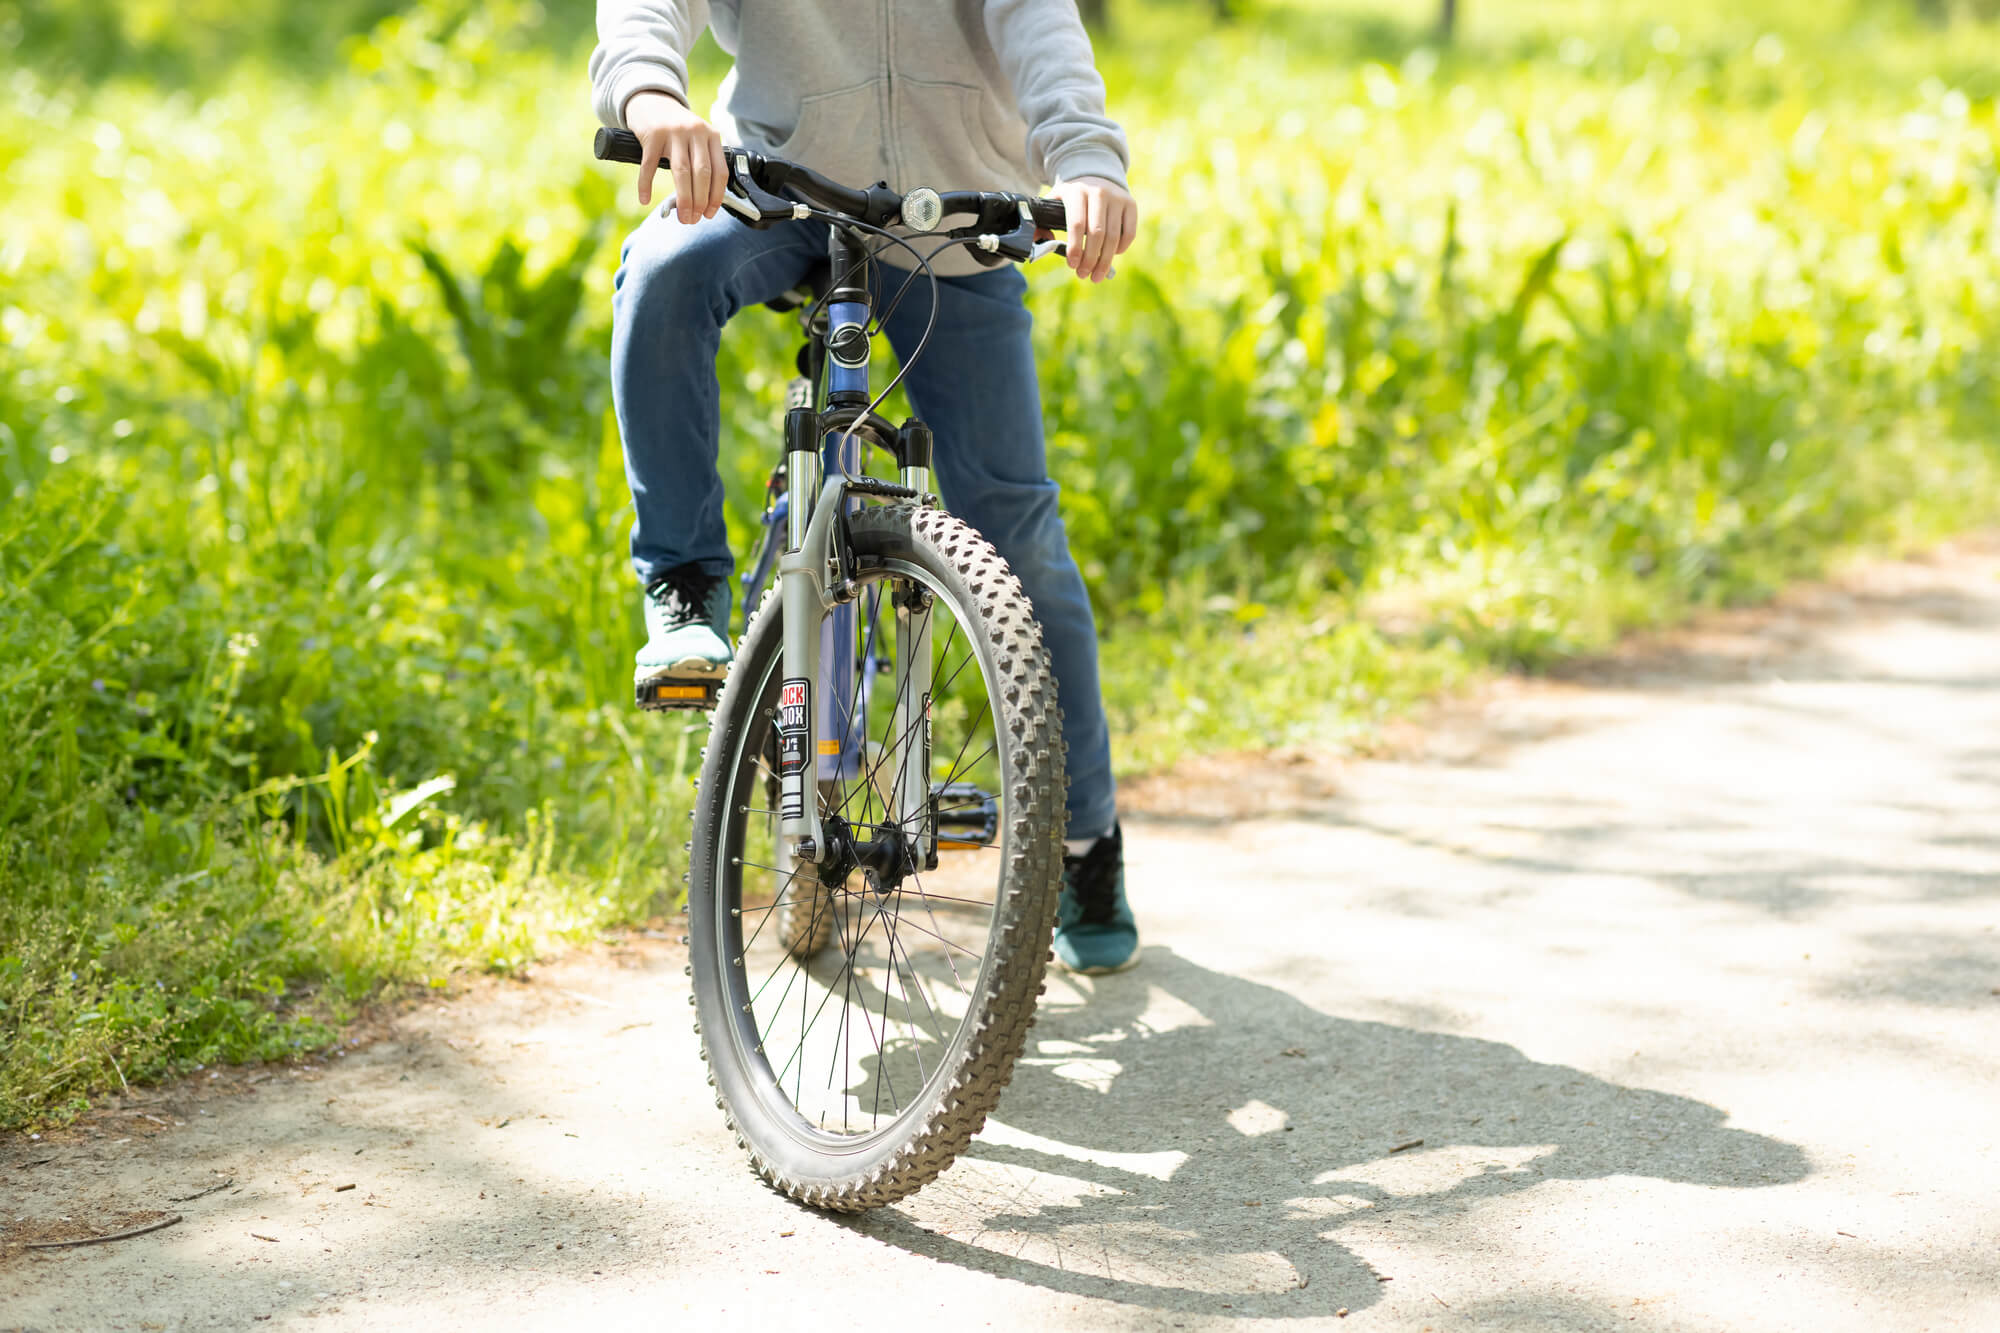 共働き世帯や一人親世帯にもおすすめ!子供の安全対策に「子供用GPS」が役立つワケ